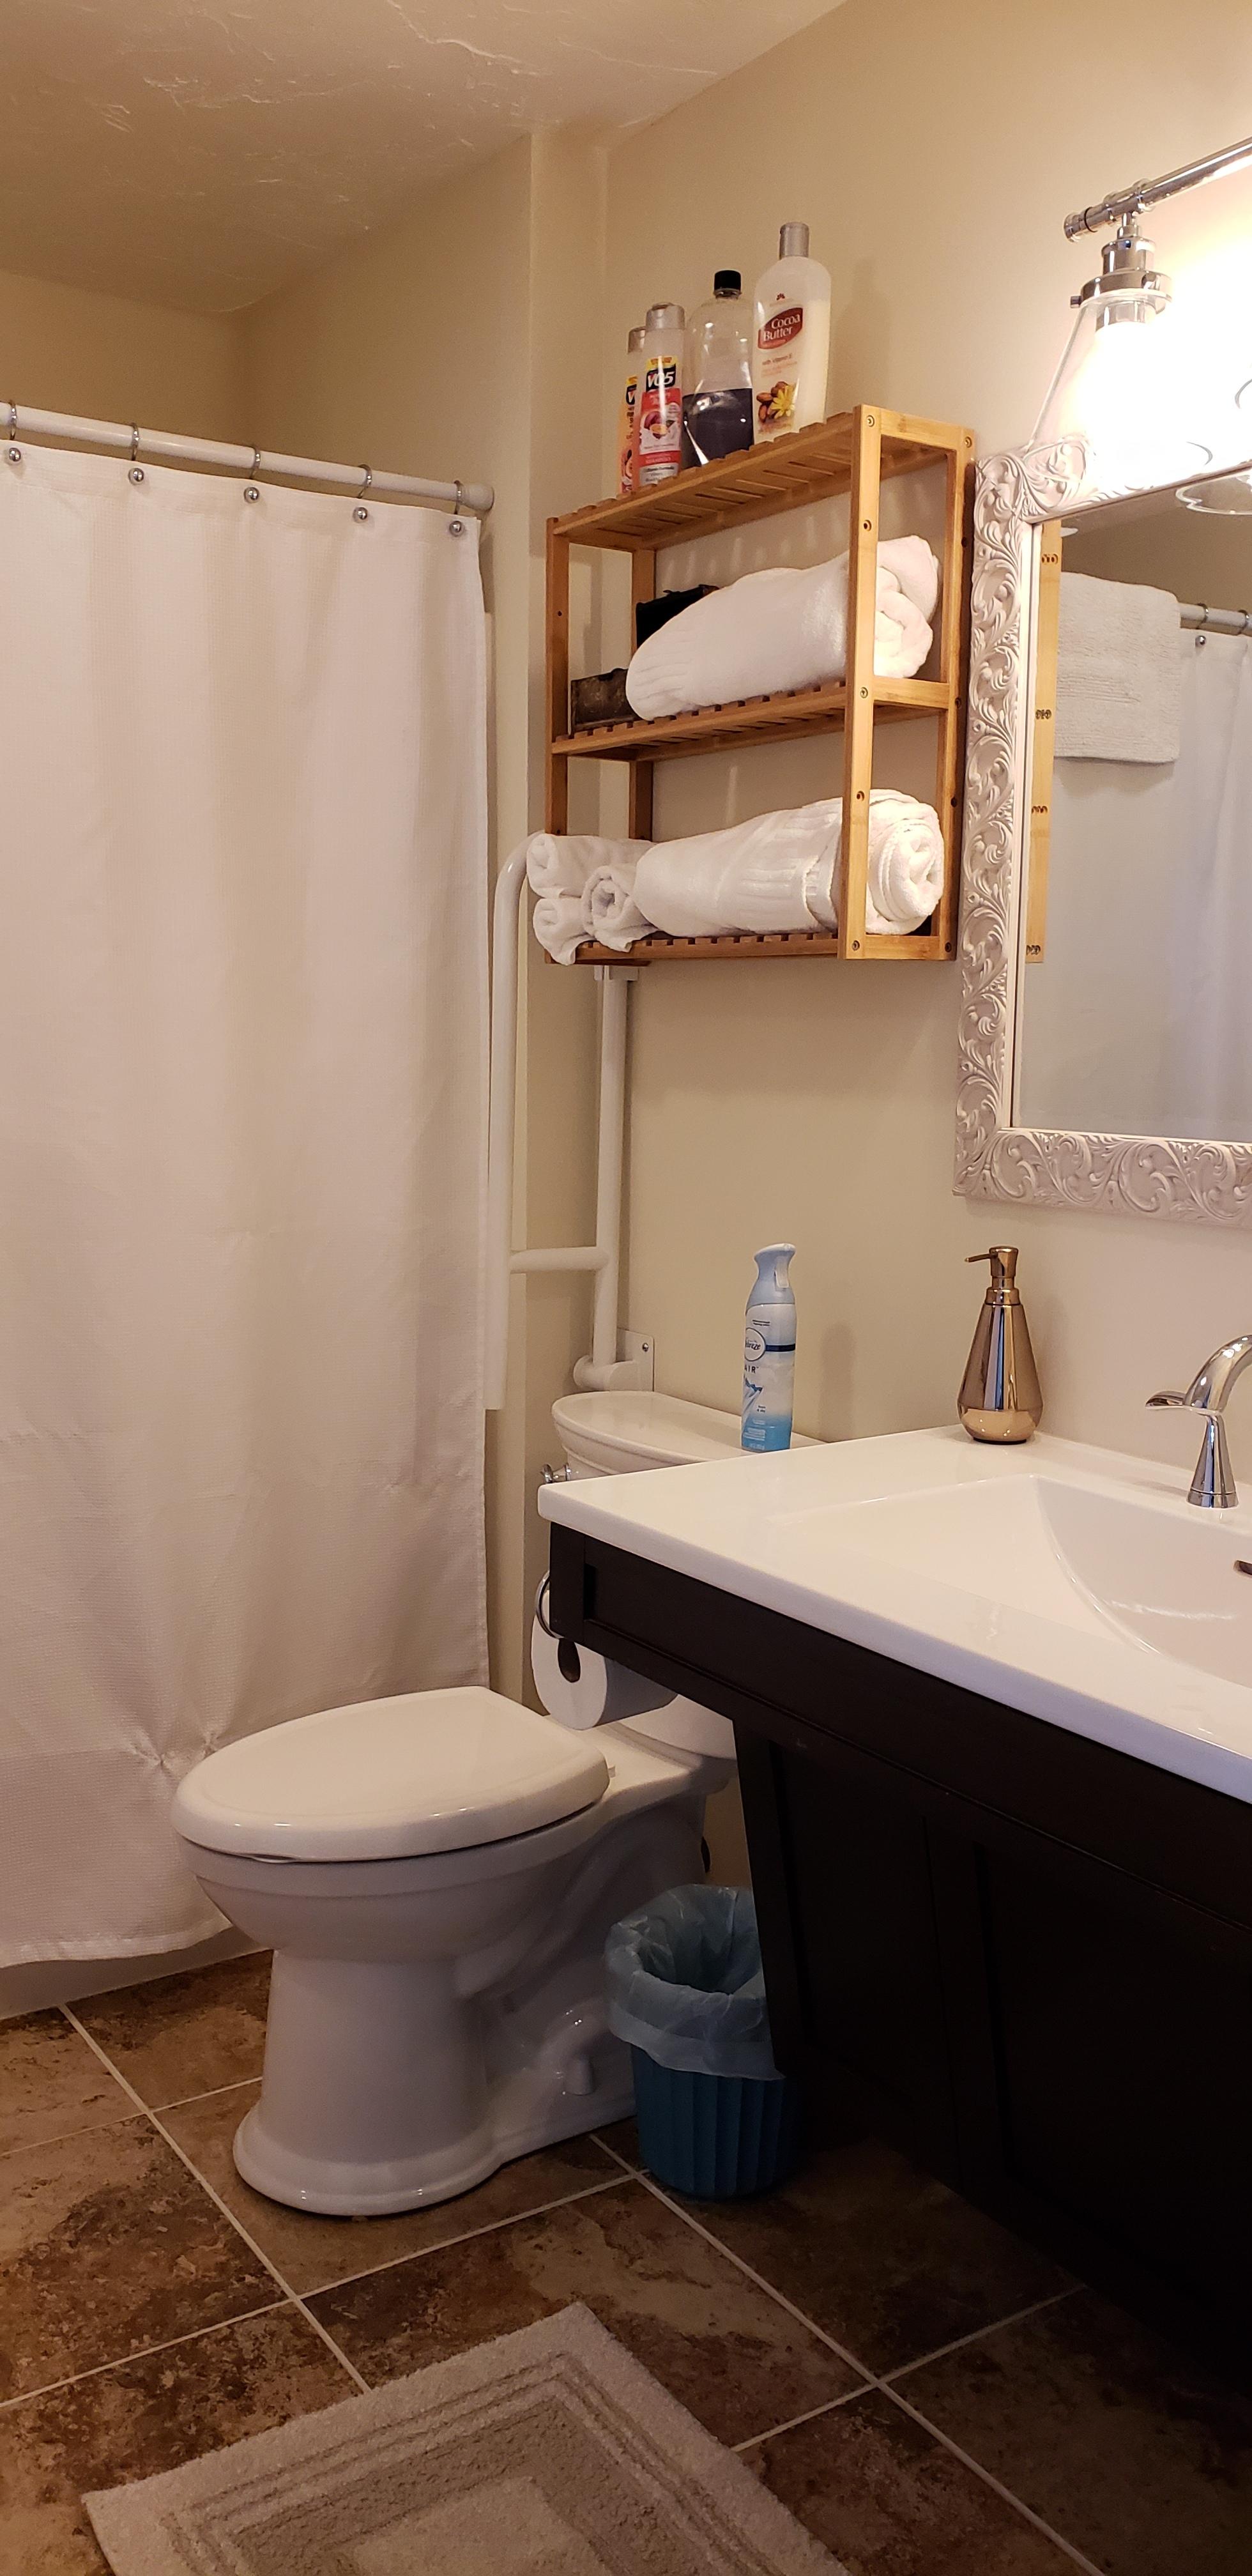 Reilly's Suite Bathroom.jpg